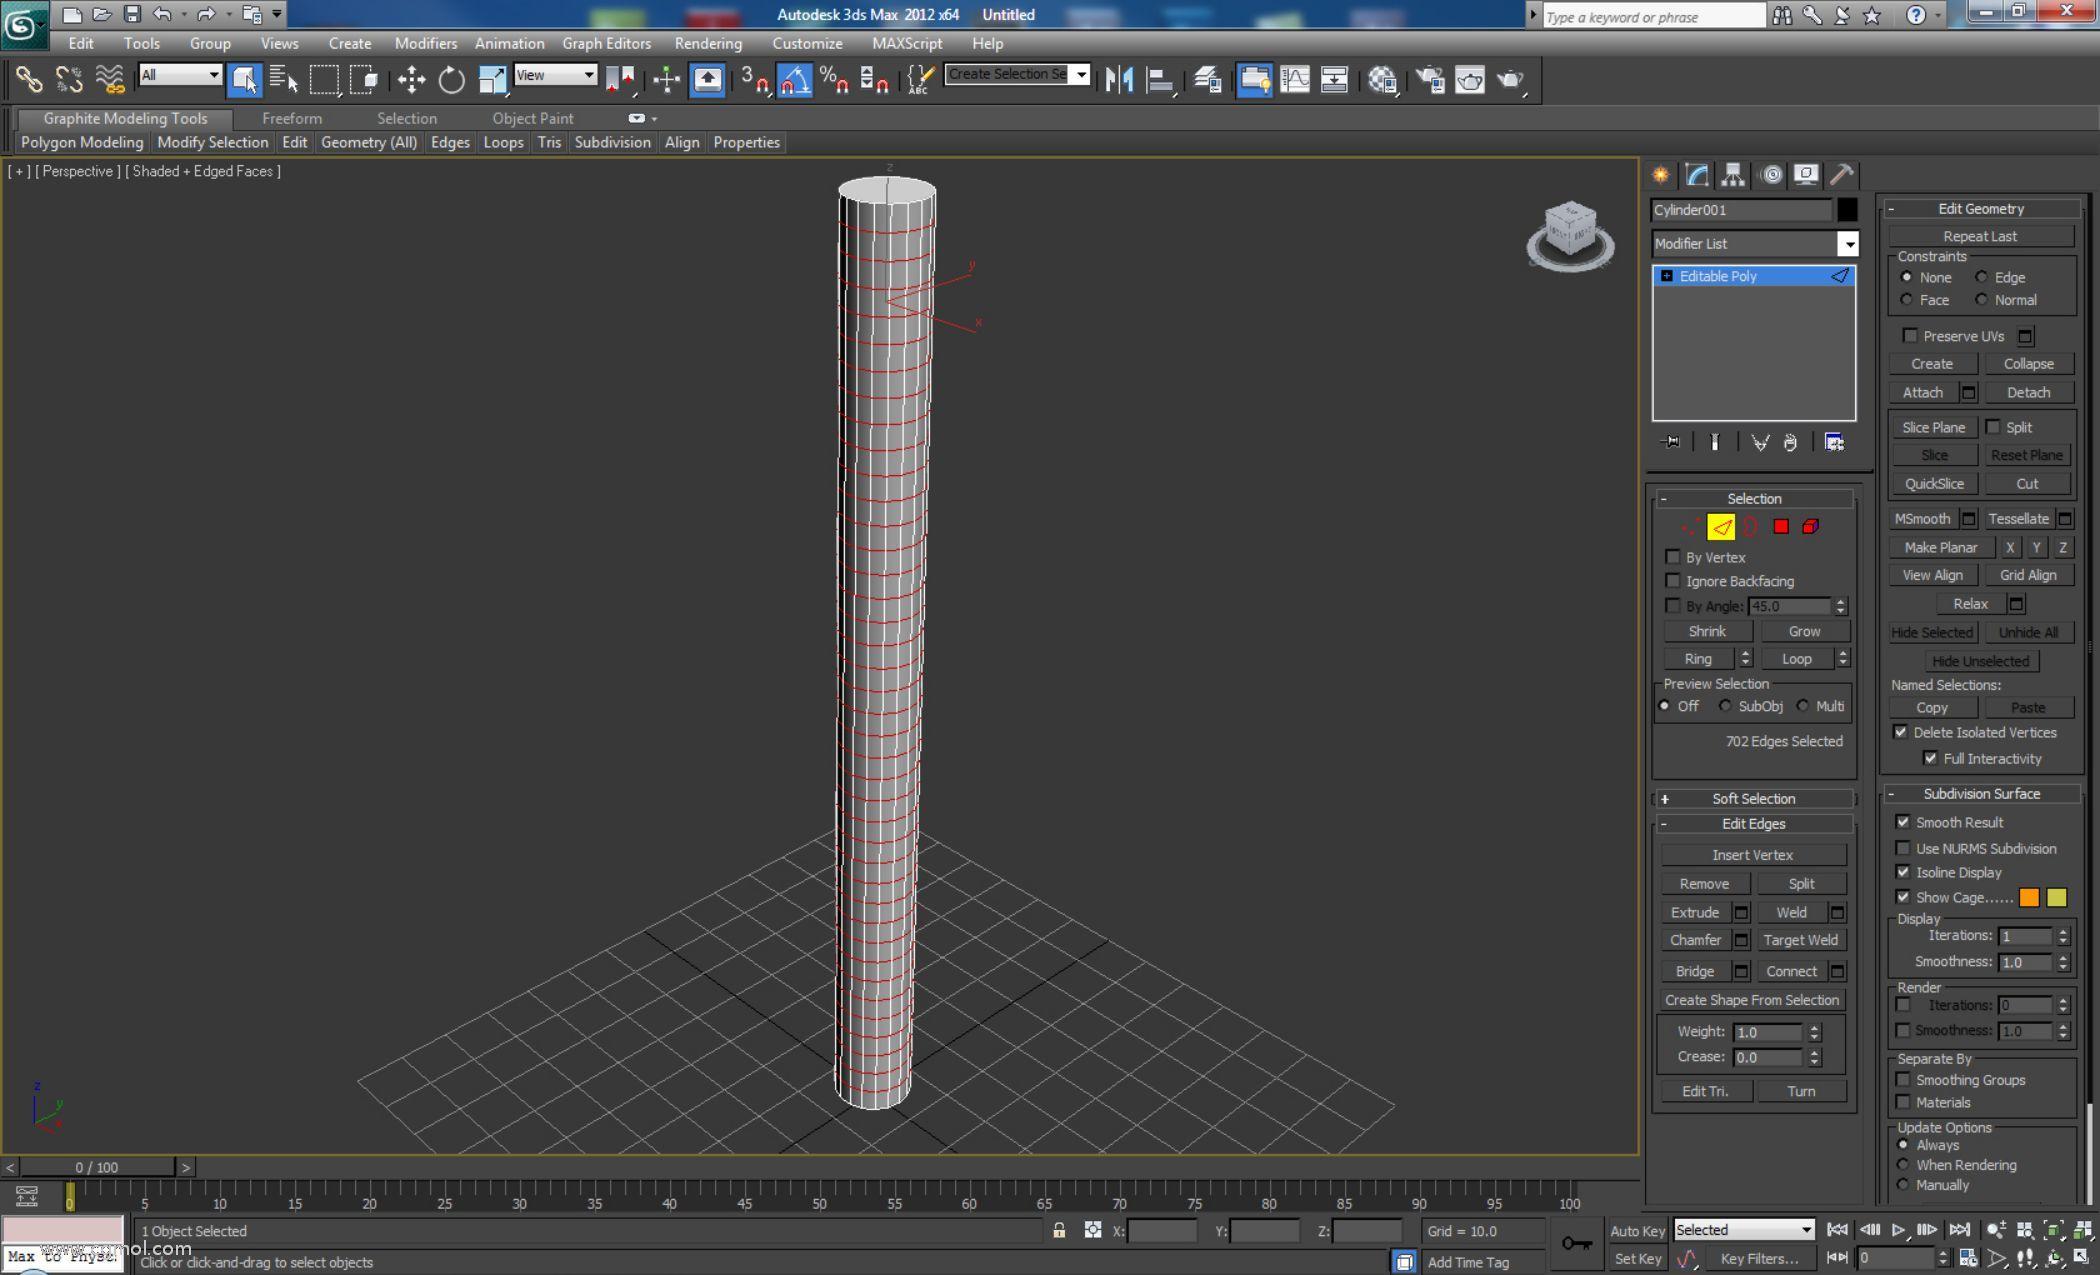 创建一个具有18个边和40个高度段的圆柱体